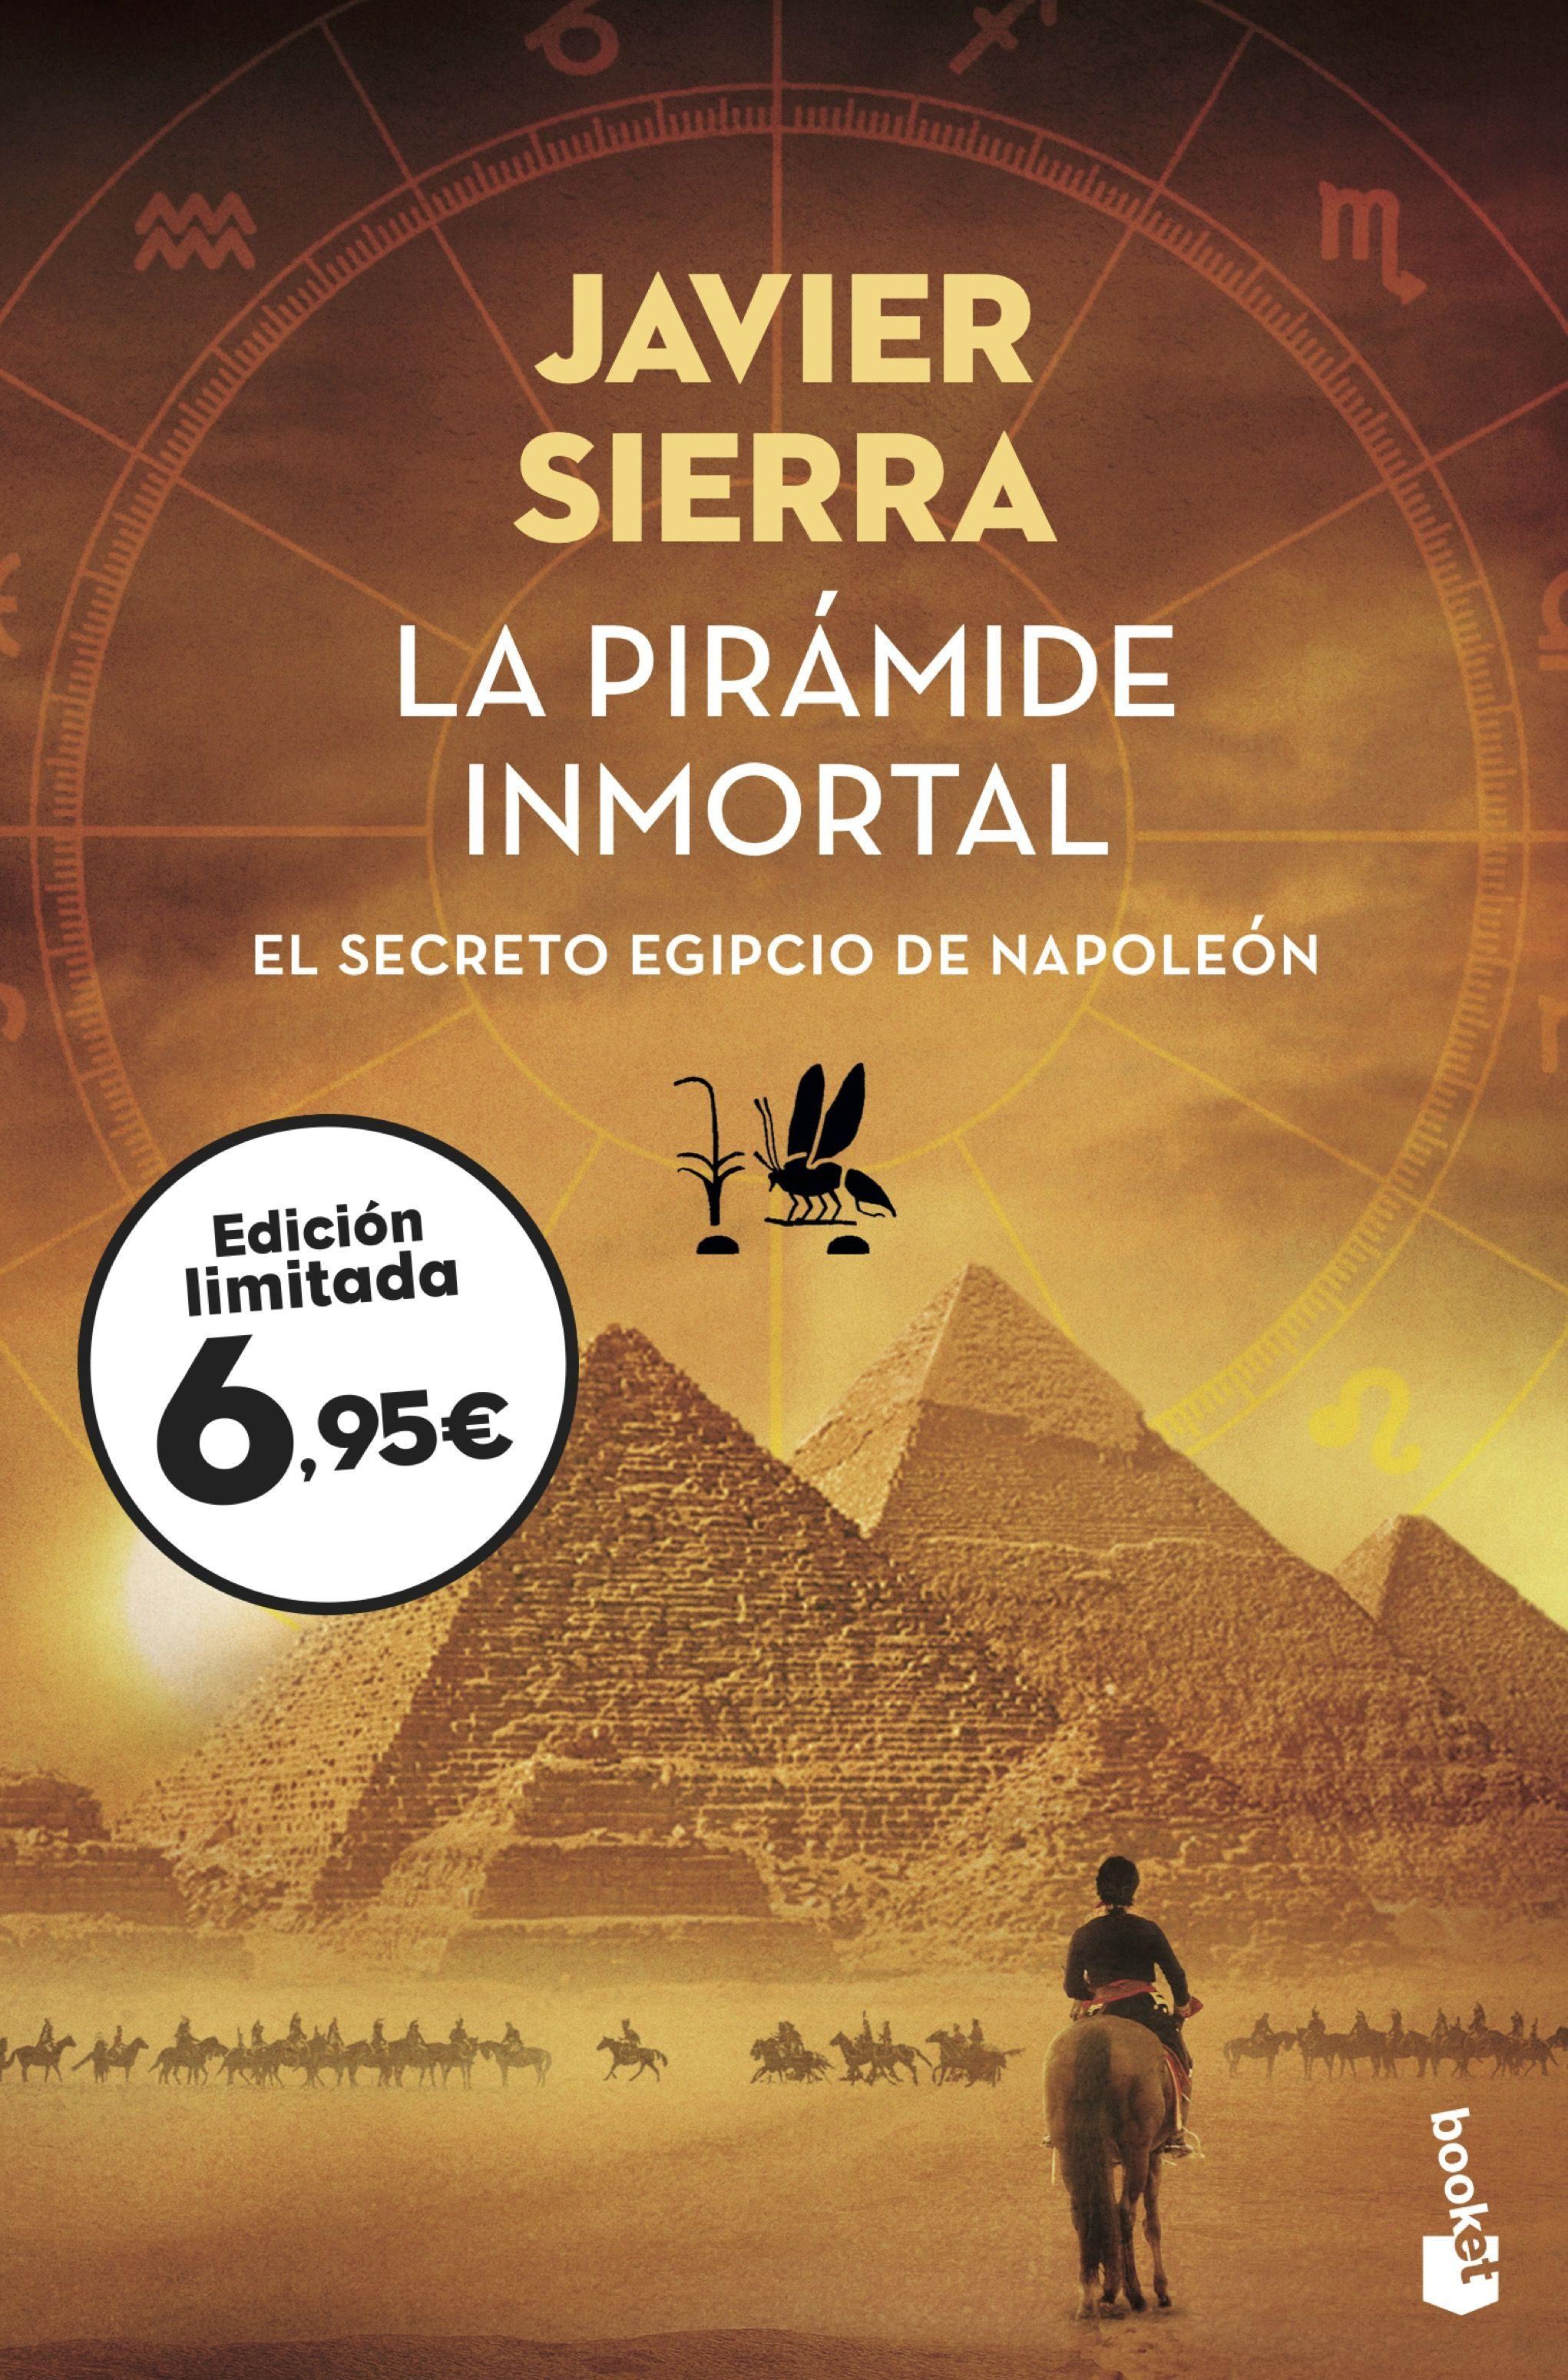 La Pirámide Inmortal (Especial Enero 2019) - Javier Sierra - Planeta